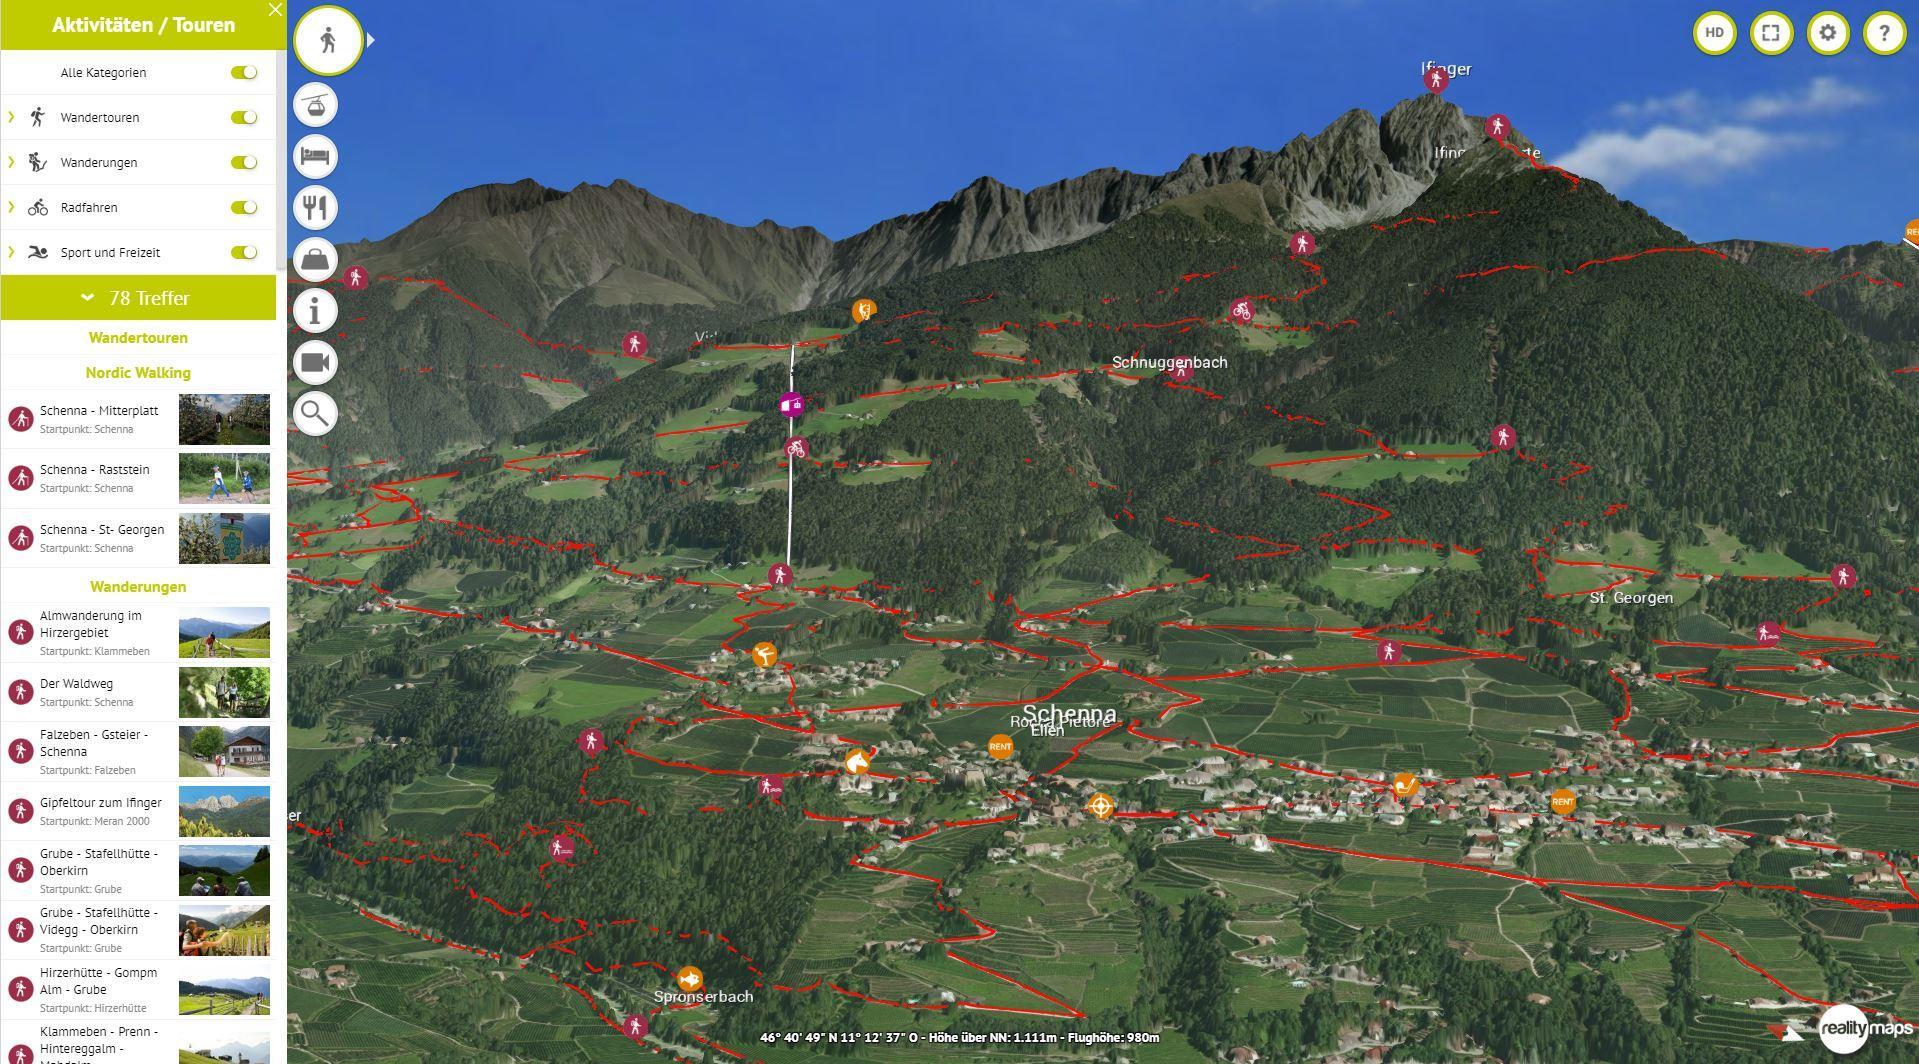 Tourismusregion Schenna 3D